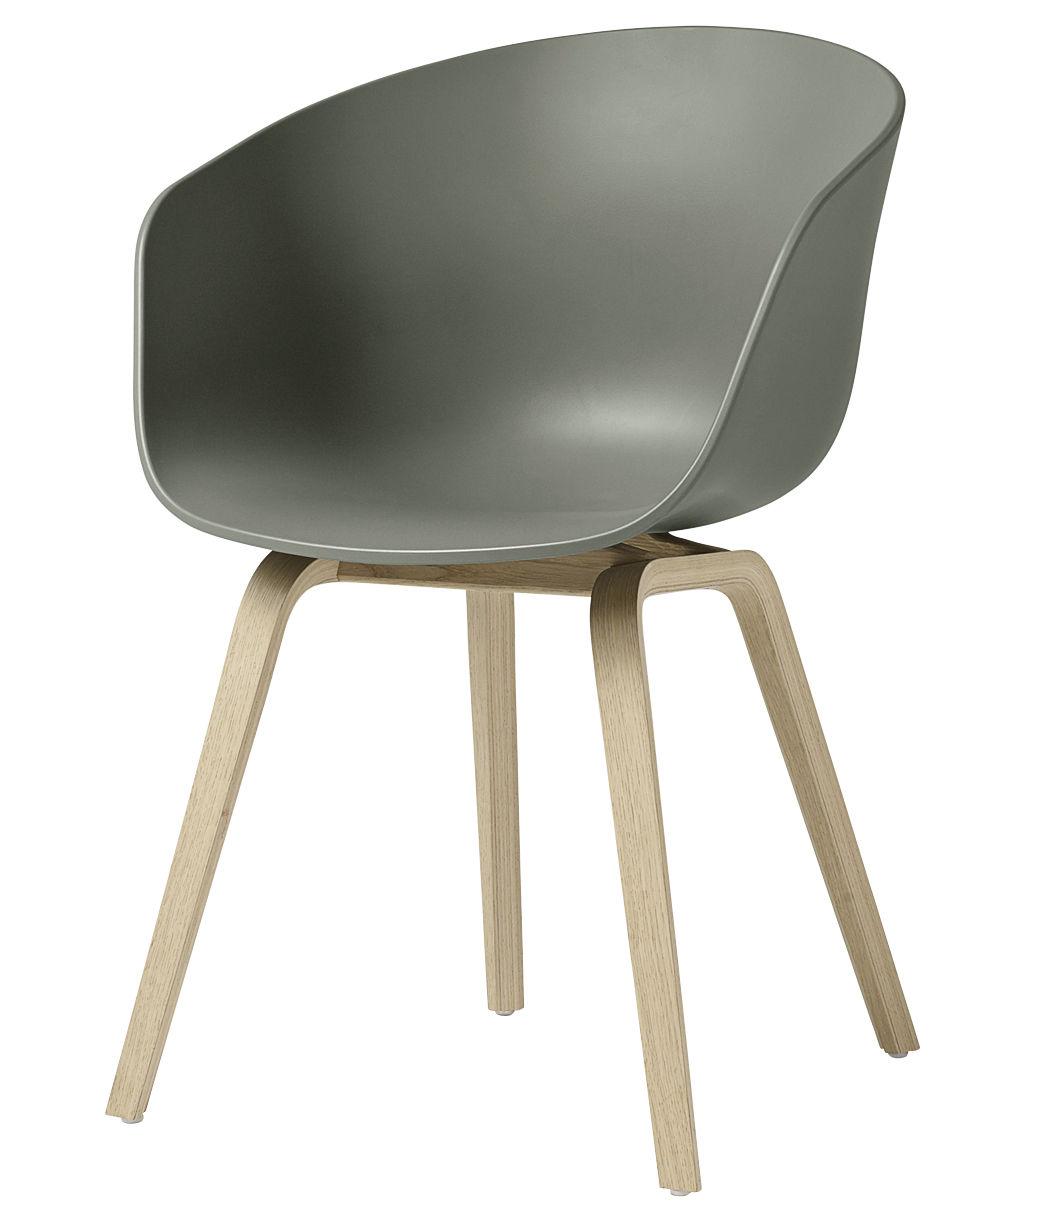 Arredamento - Sedie  - Poltrona About a chair AAC22 / Plastica & gambe legno - Hay - Verde kaki / Gambe legno naturale - Polipropilene, Rovere verniciato opaco